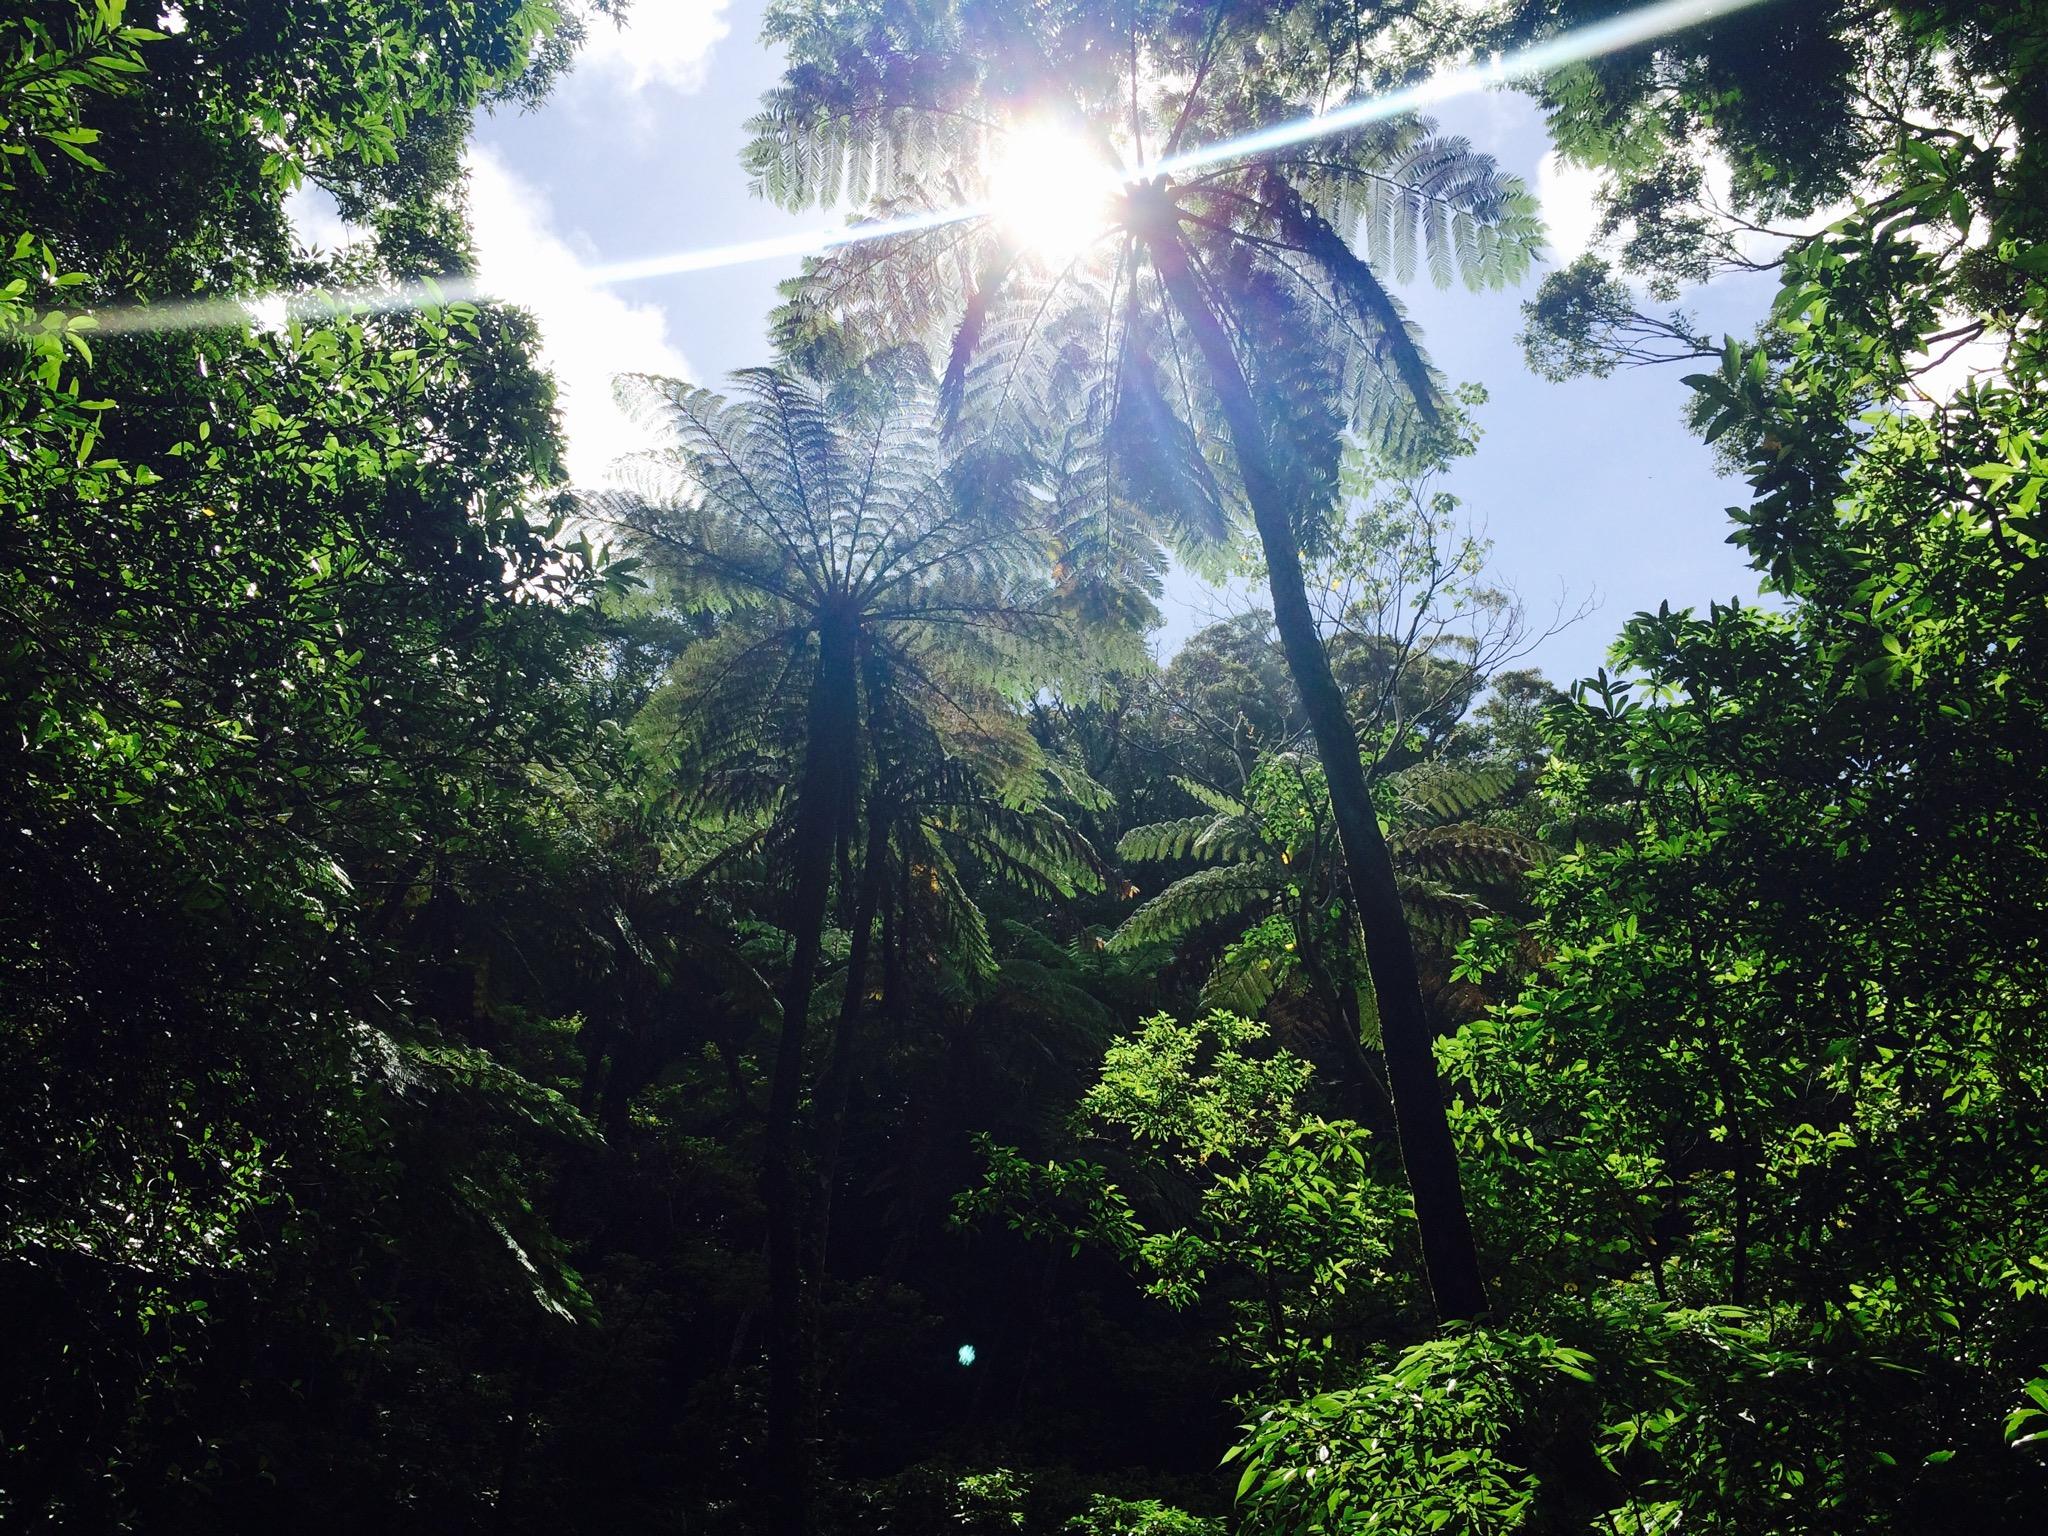 奄美のガイドブックにもよく登場する金作原原生林の撮影スポット